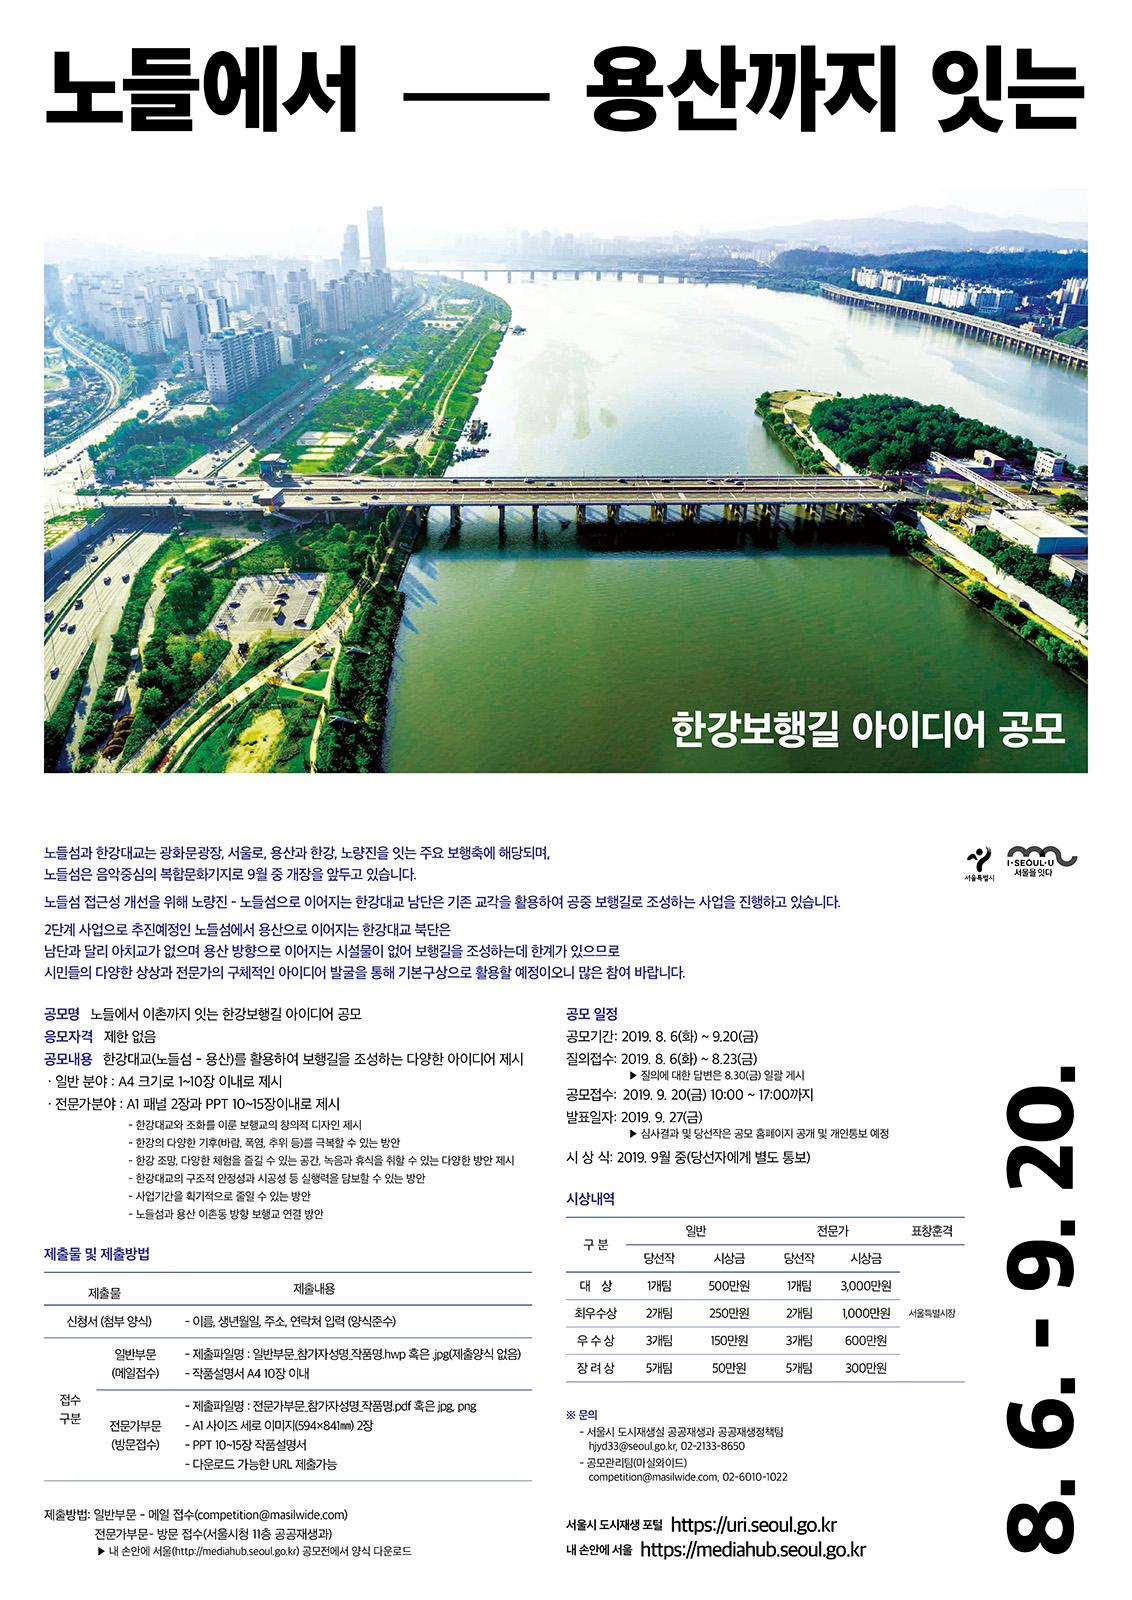 서울시, 노들섬~용산 '한강대교 북단 보행교' 아이디어 공모… '22년 완공